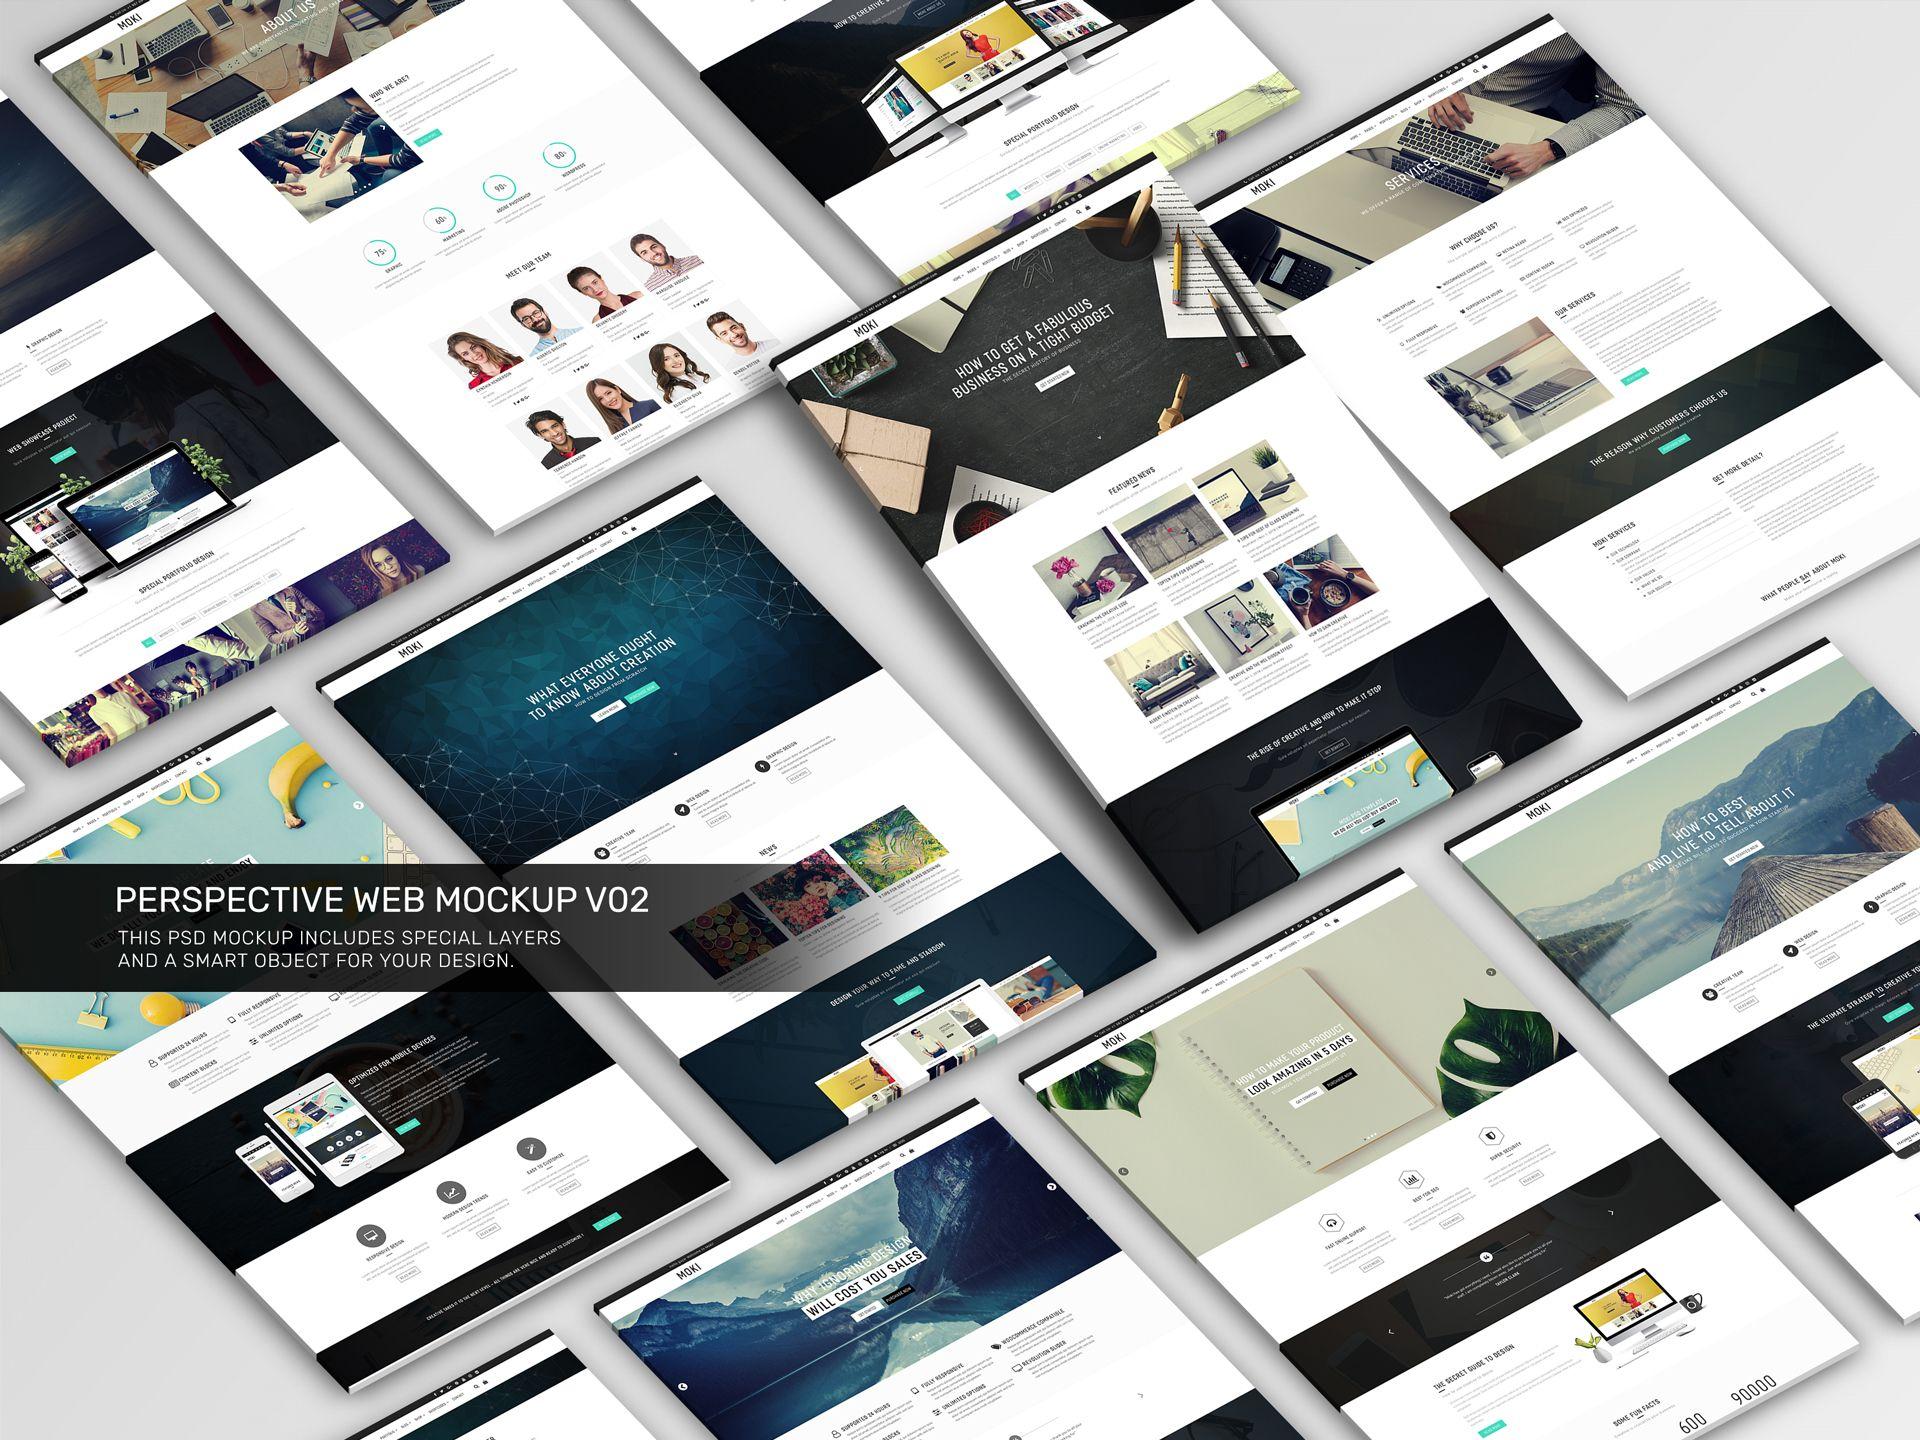 Perspective Web Mockup V02 Perspective Web Web Mockup Website Design